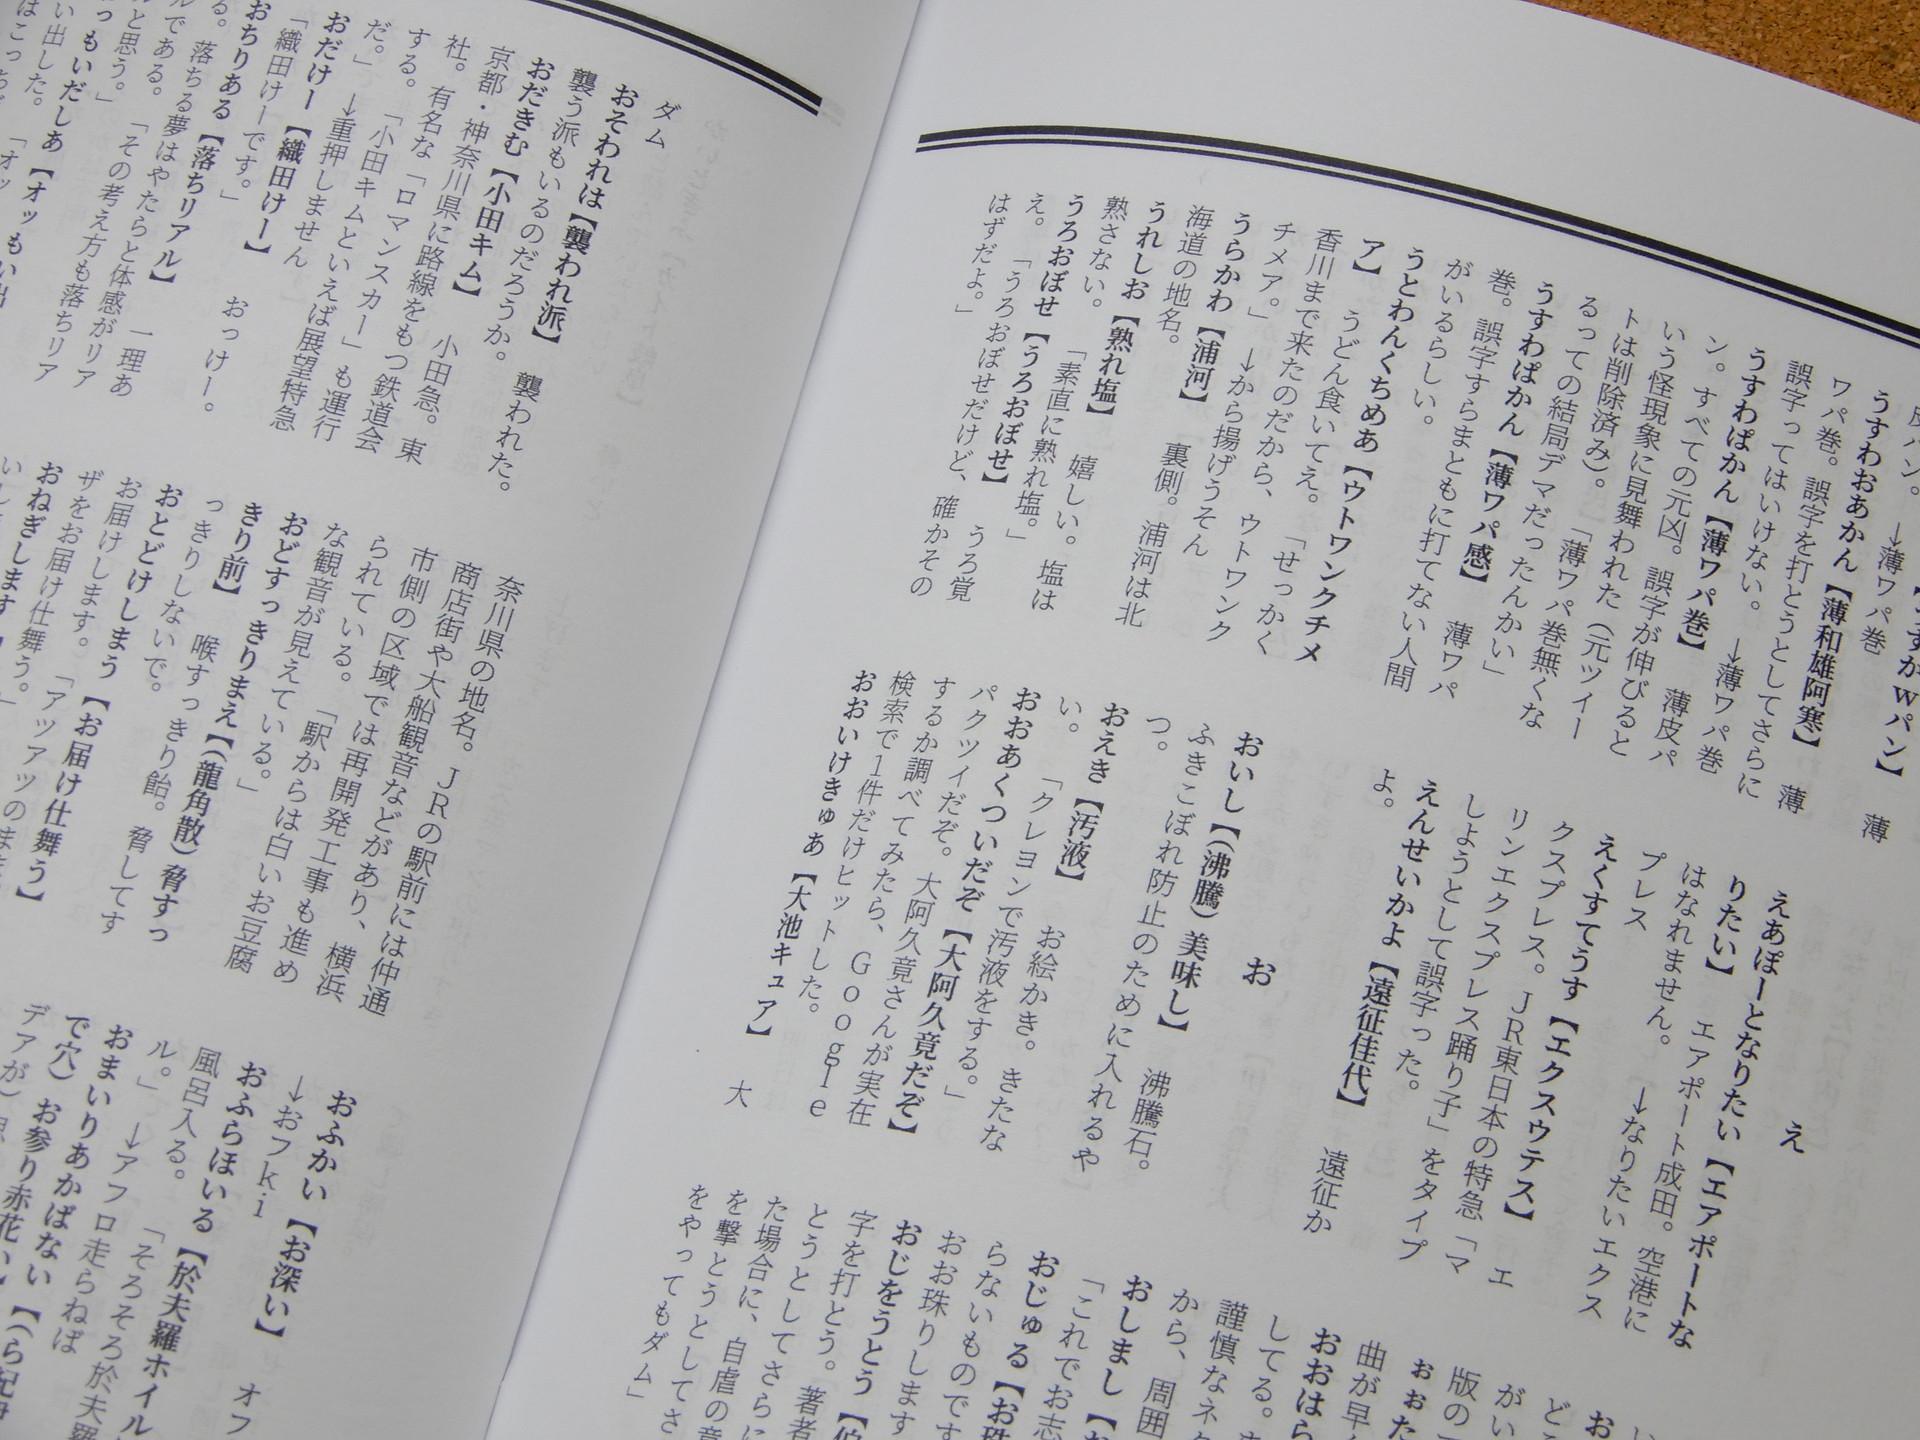 コミケット94にて出展する薄ワパ誤字辞典